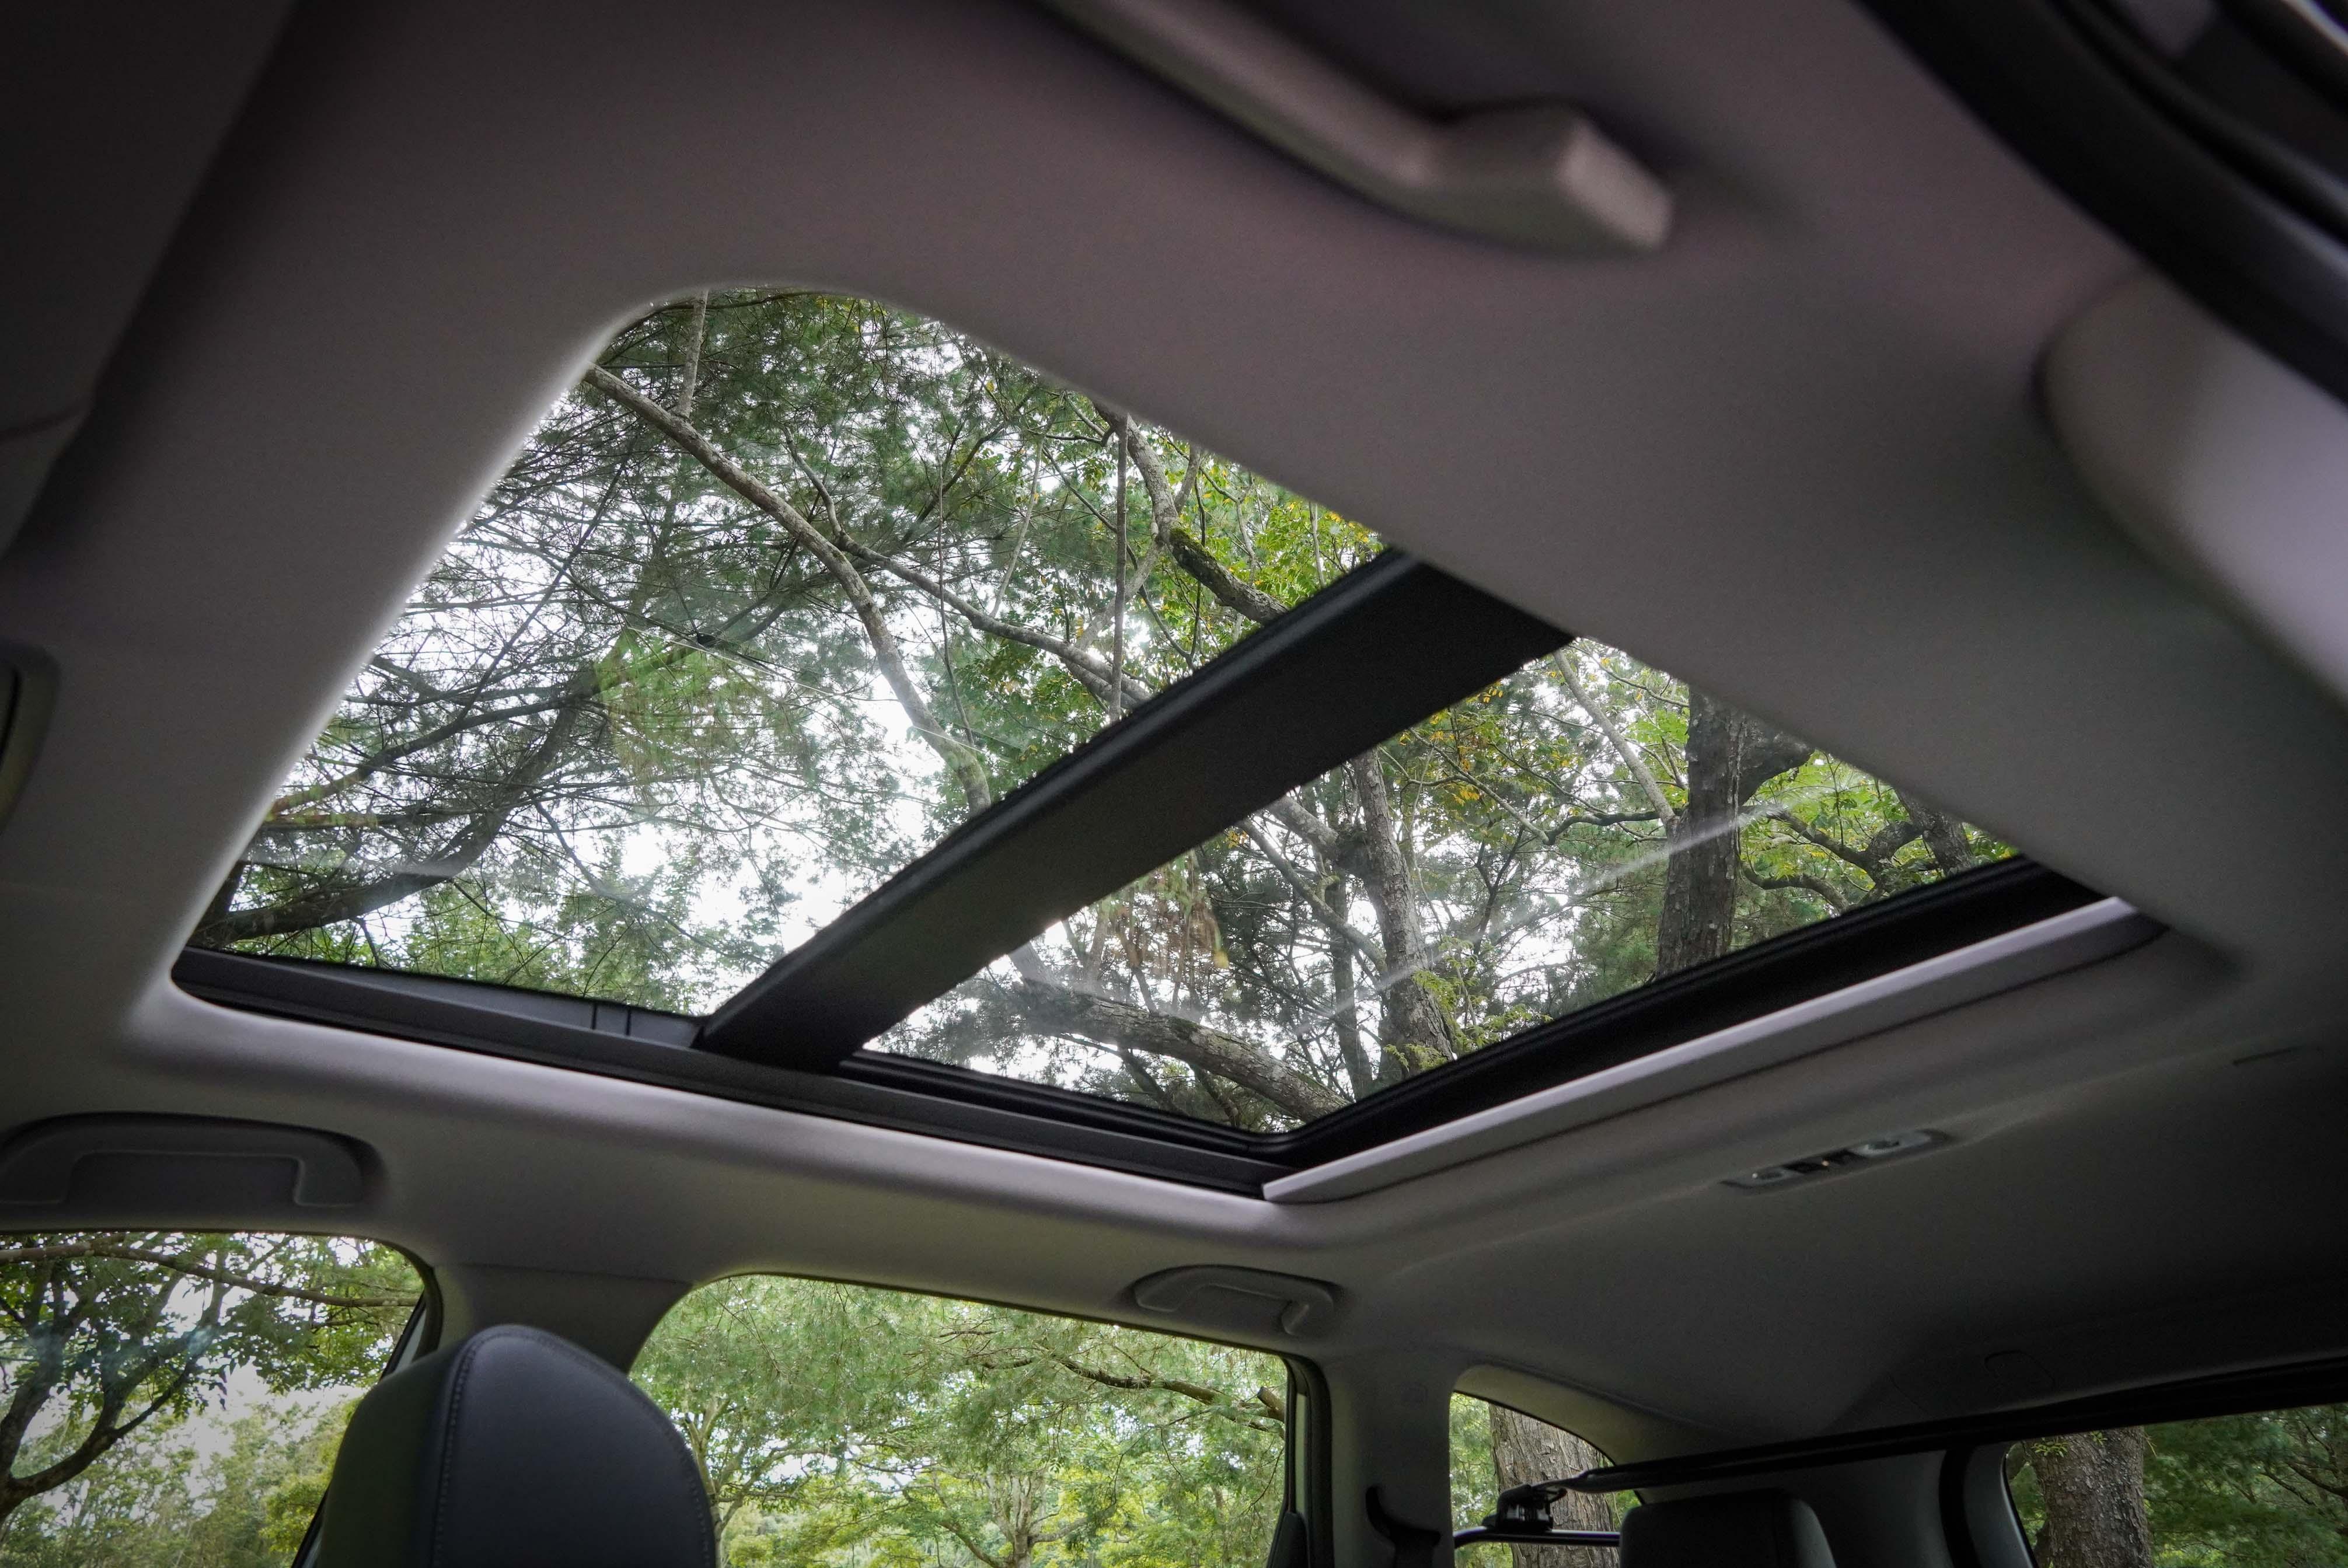 全景式電動天窗為 S 配備。